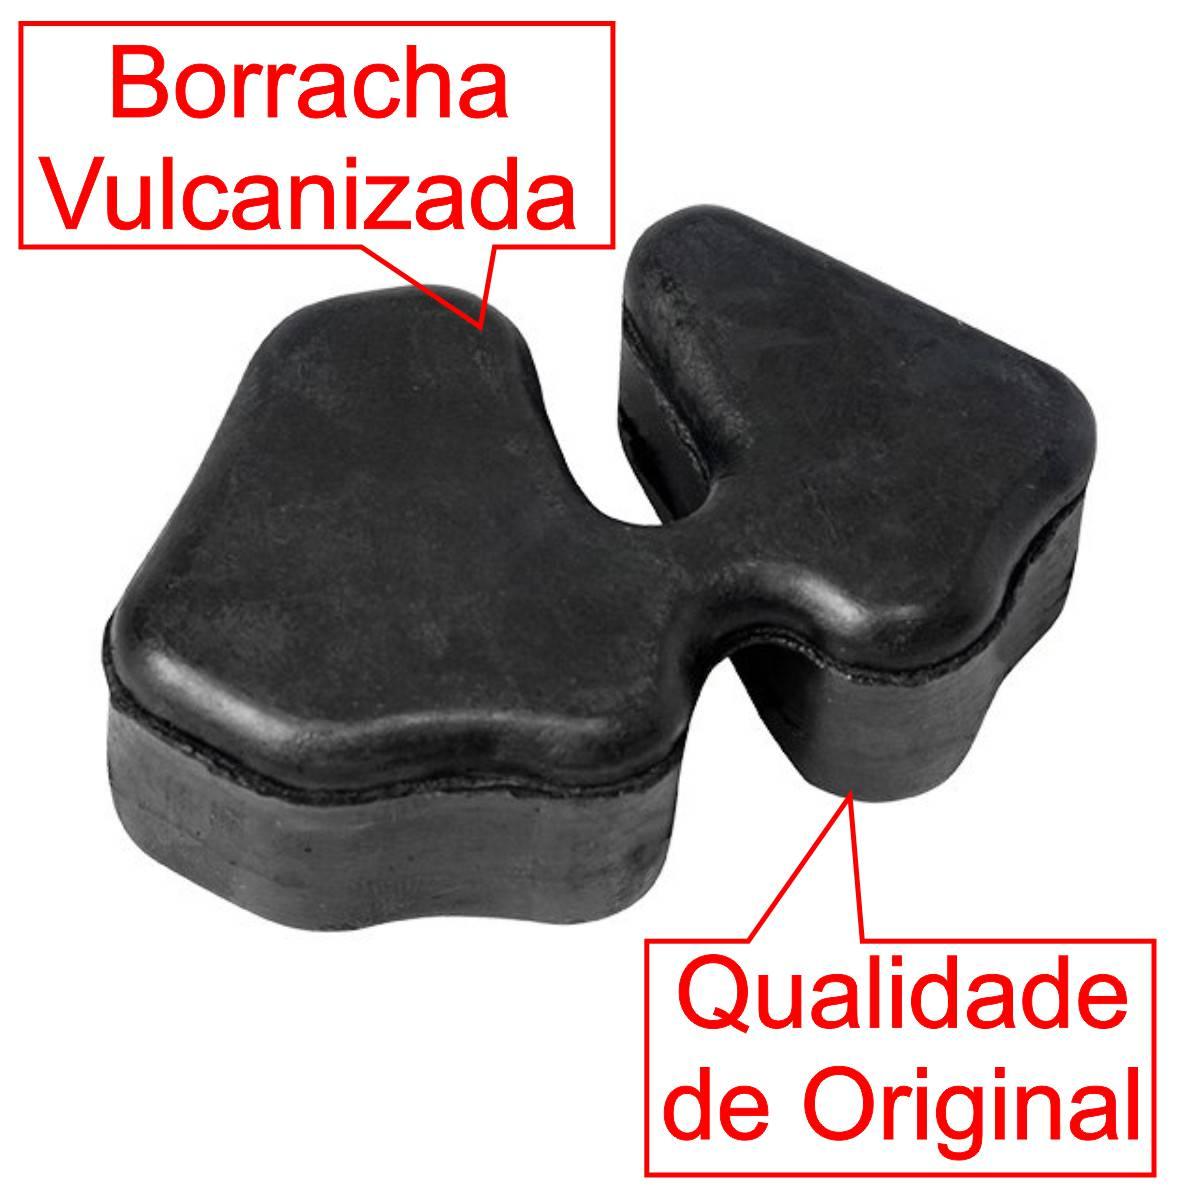 COXIM BRANDY CUBO TRASEIRO BORRACHA RODA MOTO HONDA CBX 250 TWISTER CB 250F CB300R JOGO COM 4 PEÇAS